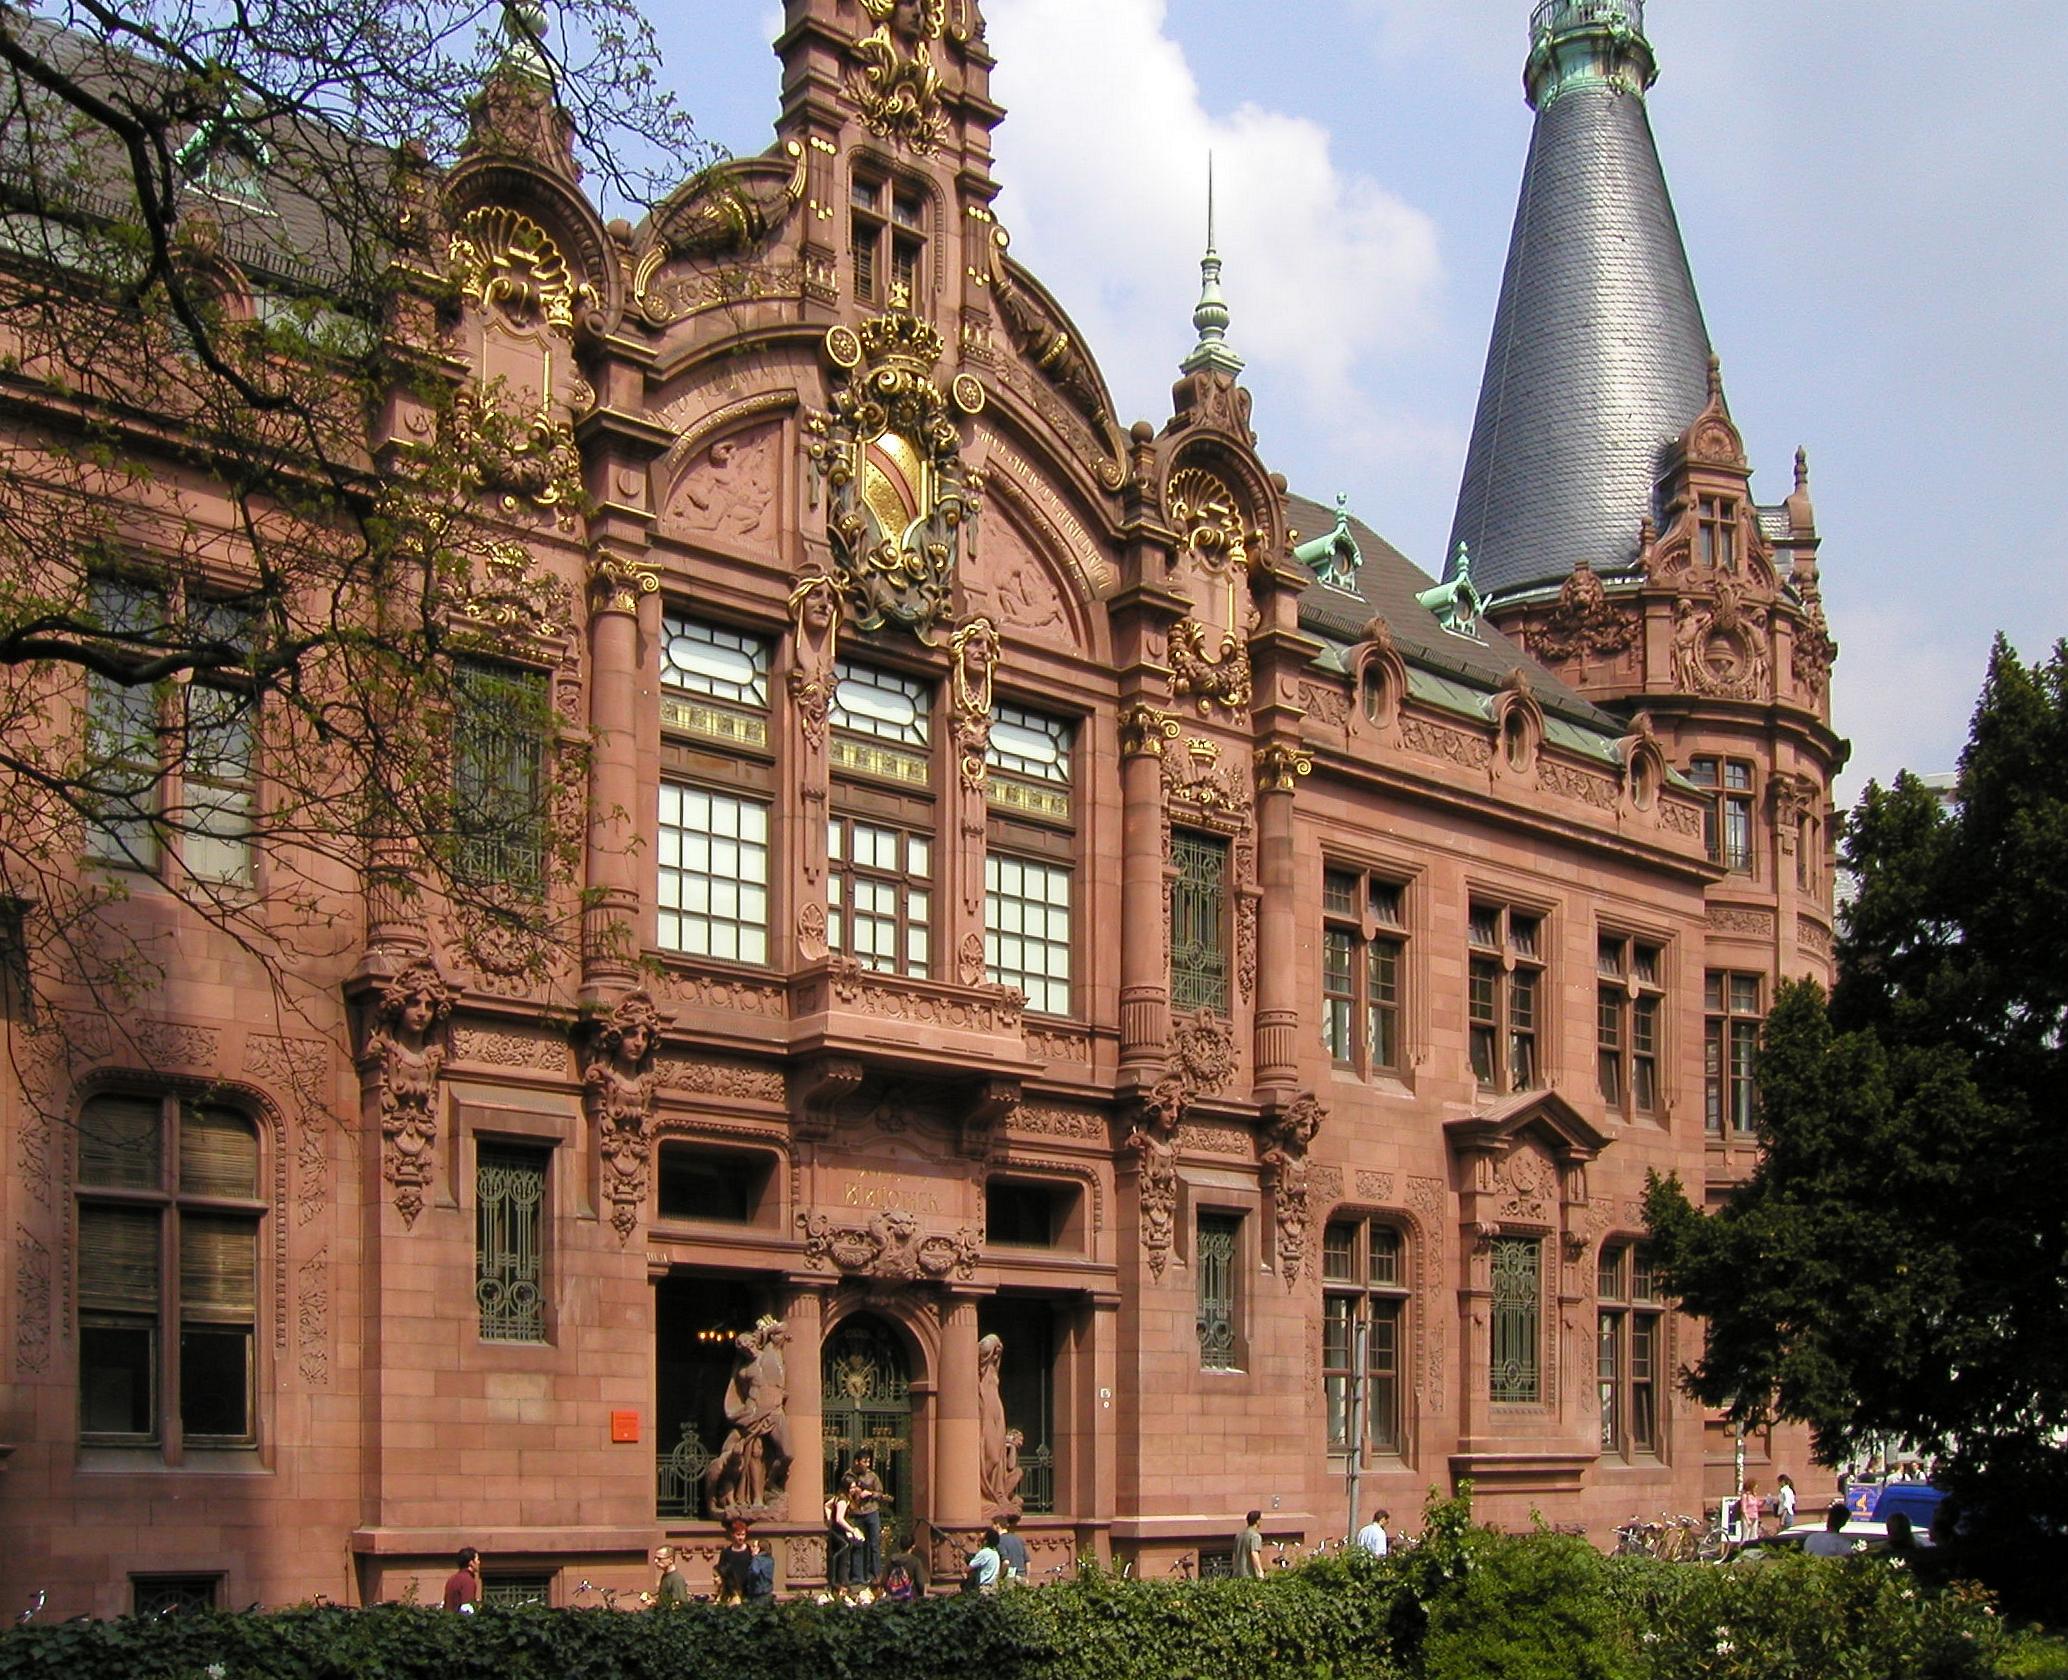 Universität Heidelberg, Deutschlands älteste Universität, gegründet im Jahr 1386.